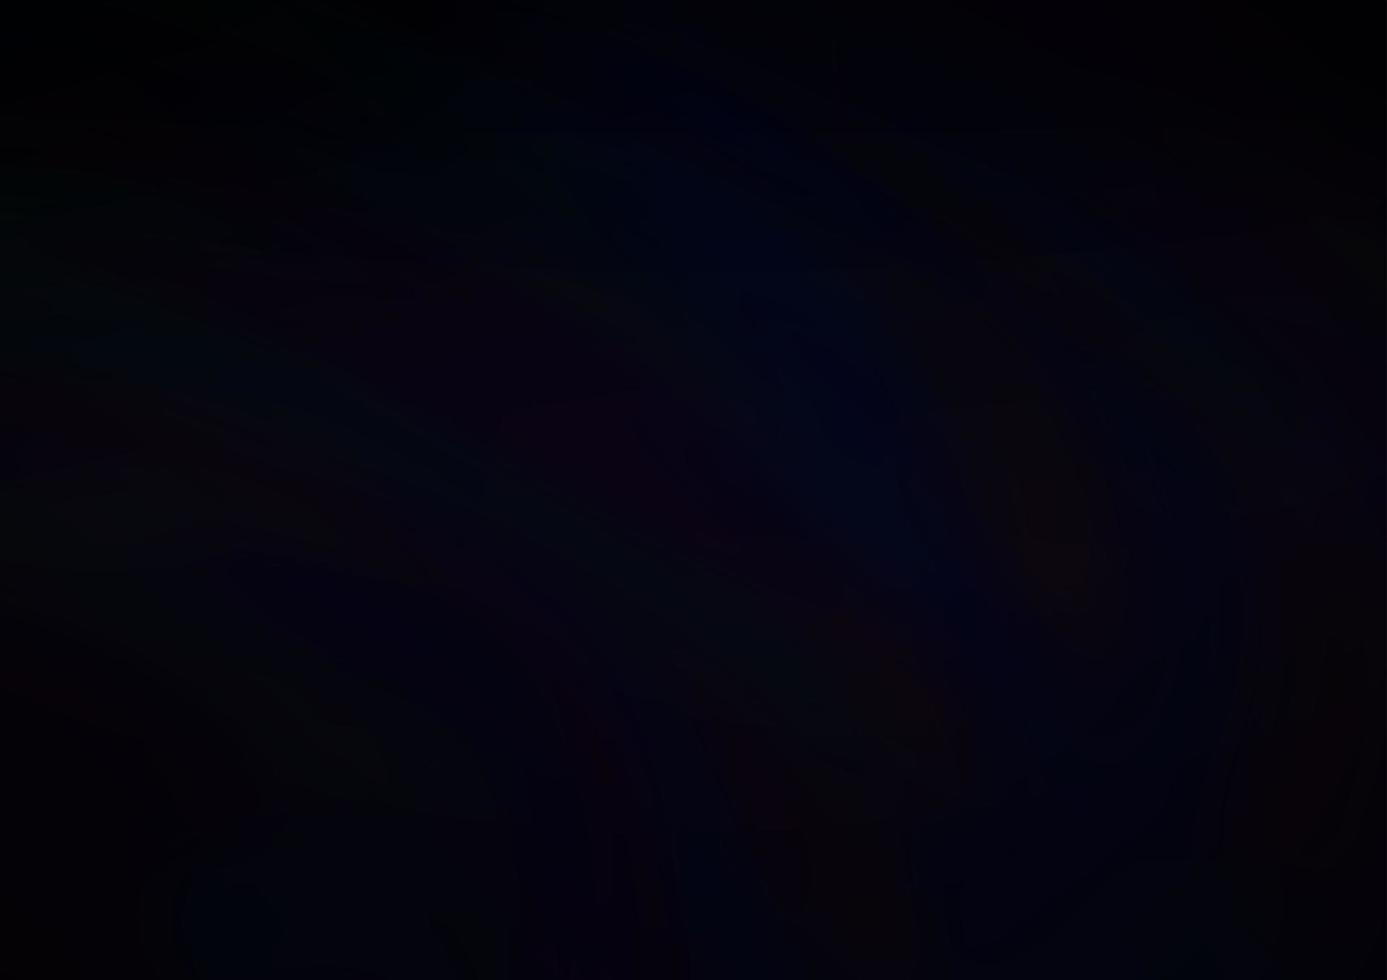 modelo abstrato brilhante preto escuro do vetor. vetor